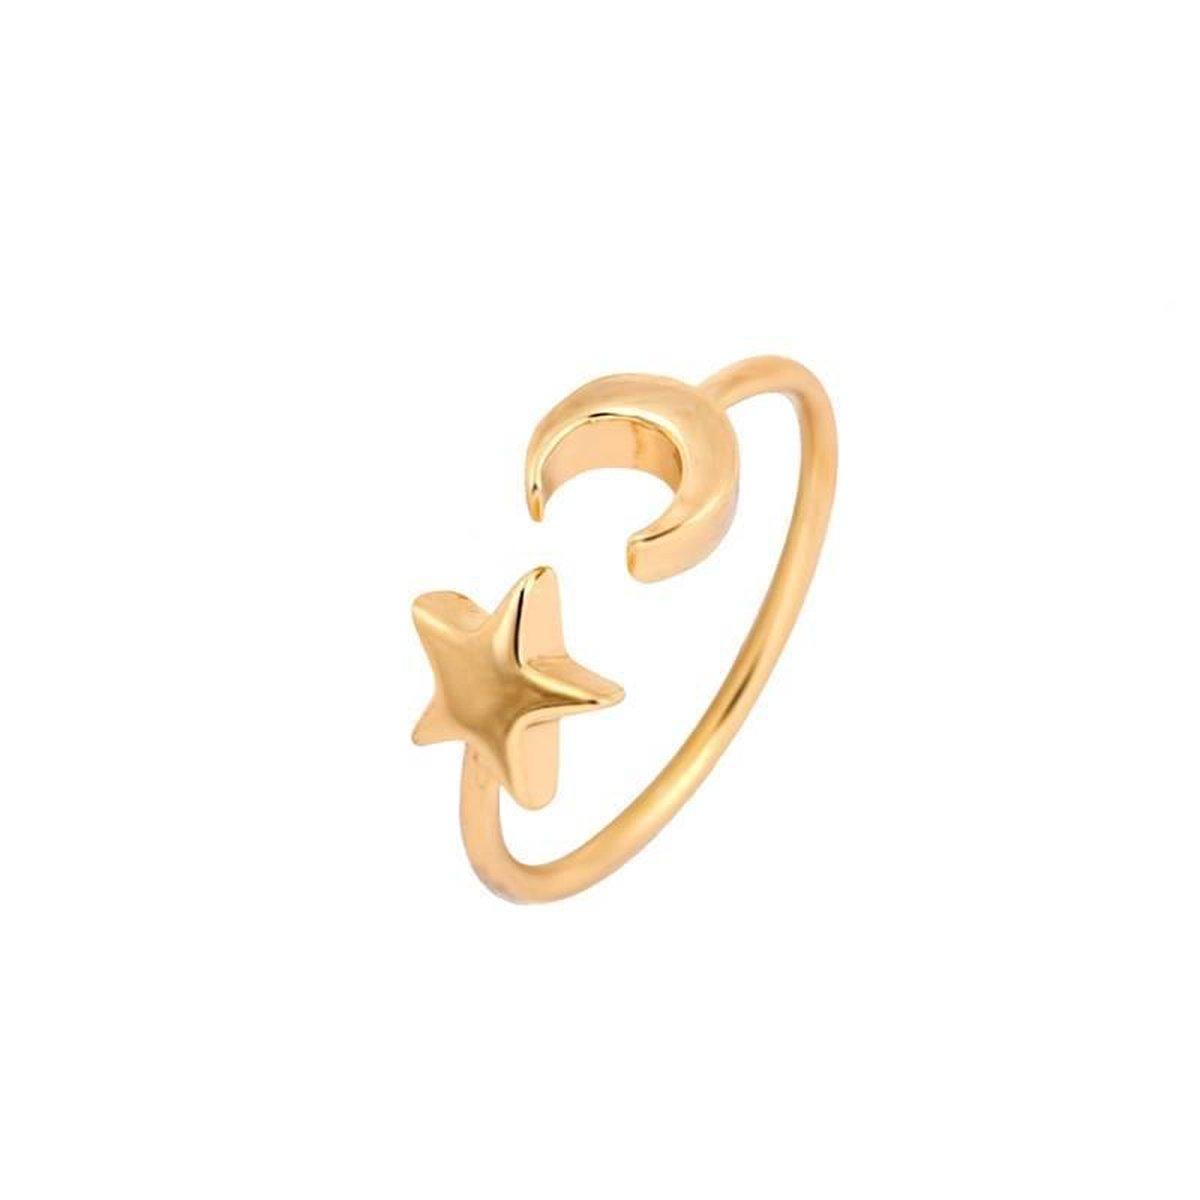 Lovelymusthaves Moon star - maan ster boho bohemian style verstelbare Ring - Dames - zilverkleurig - Lovelymusthaves